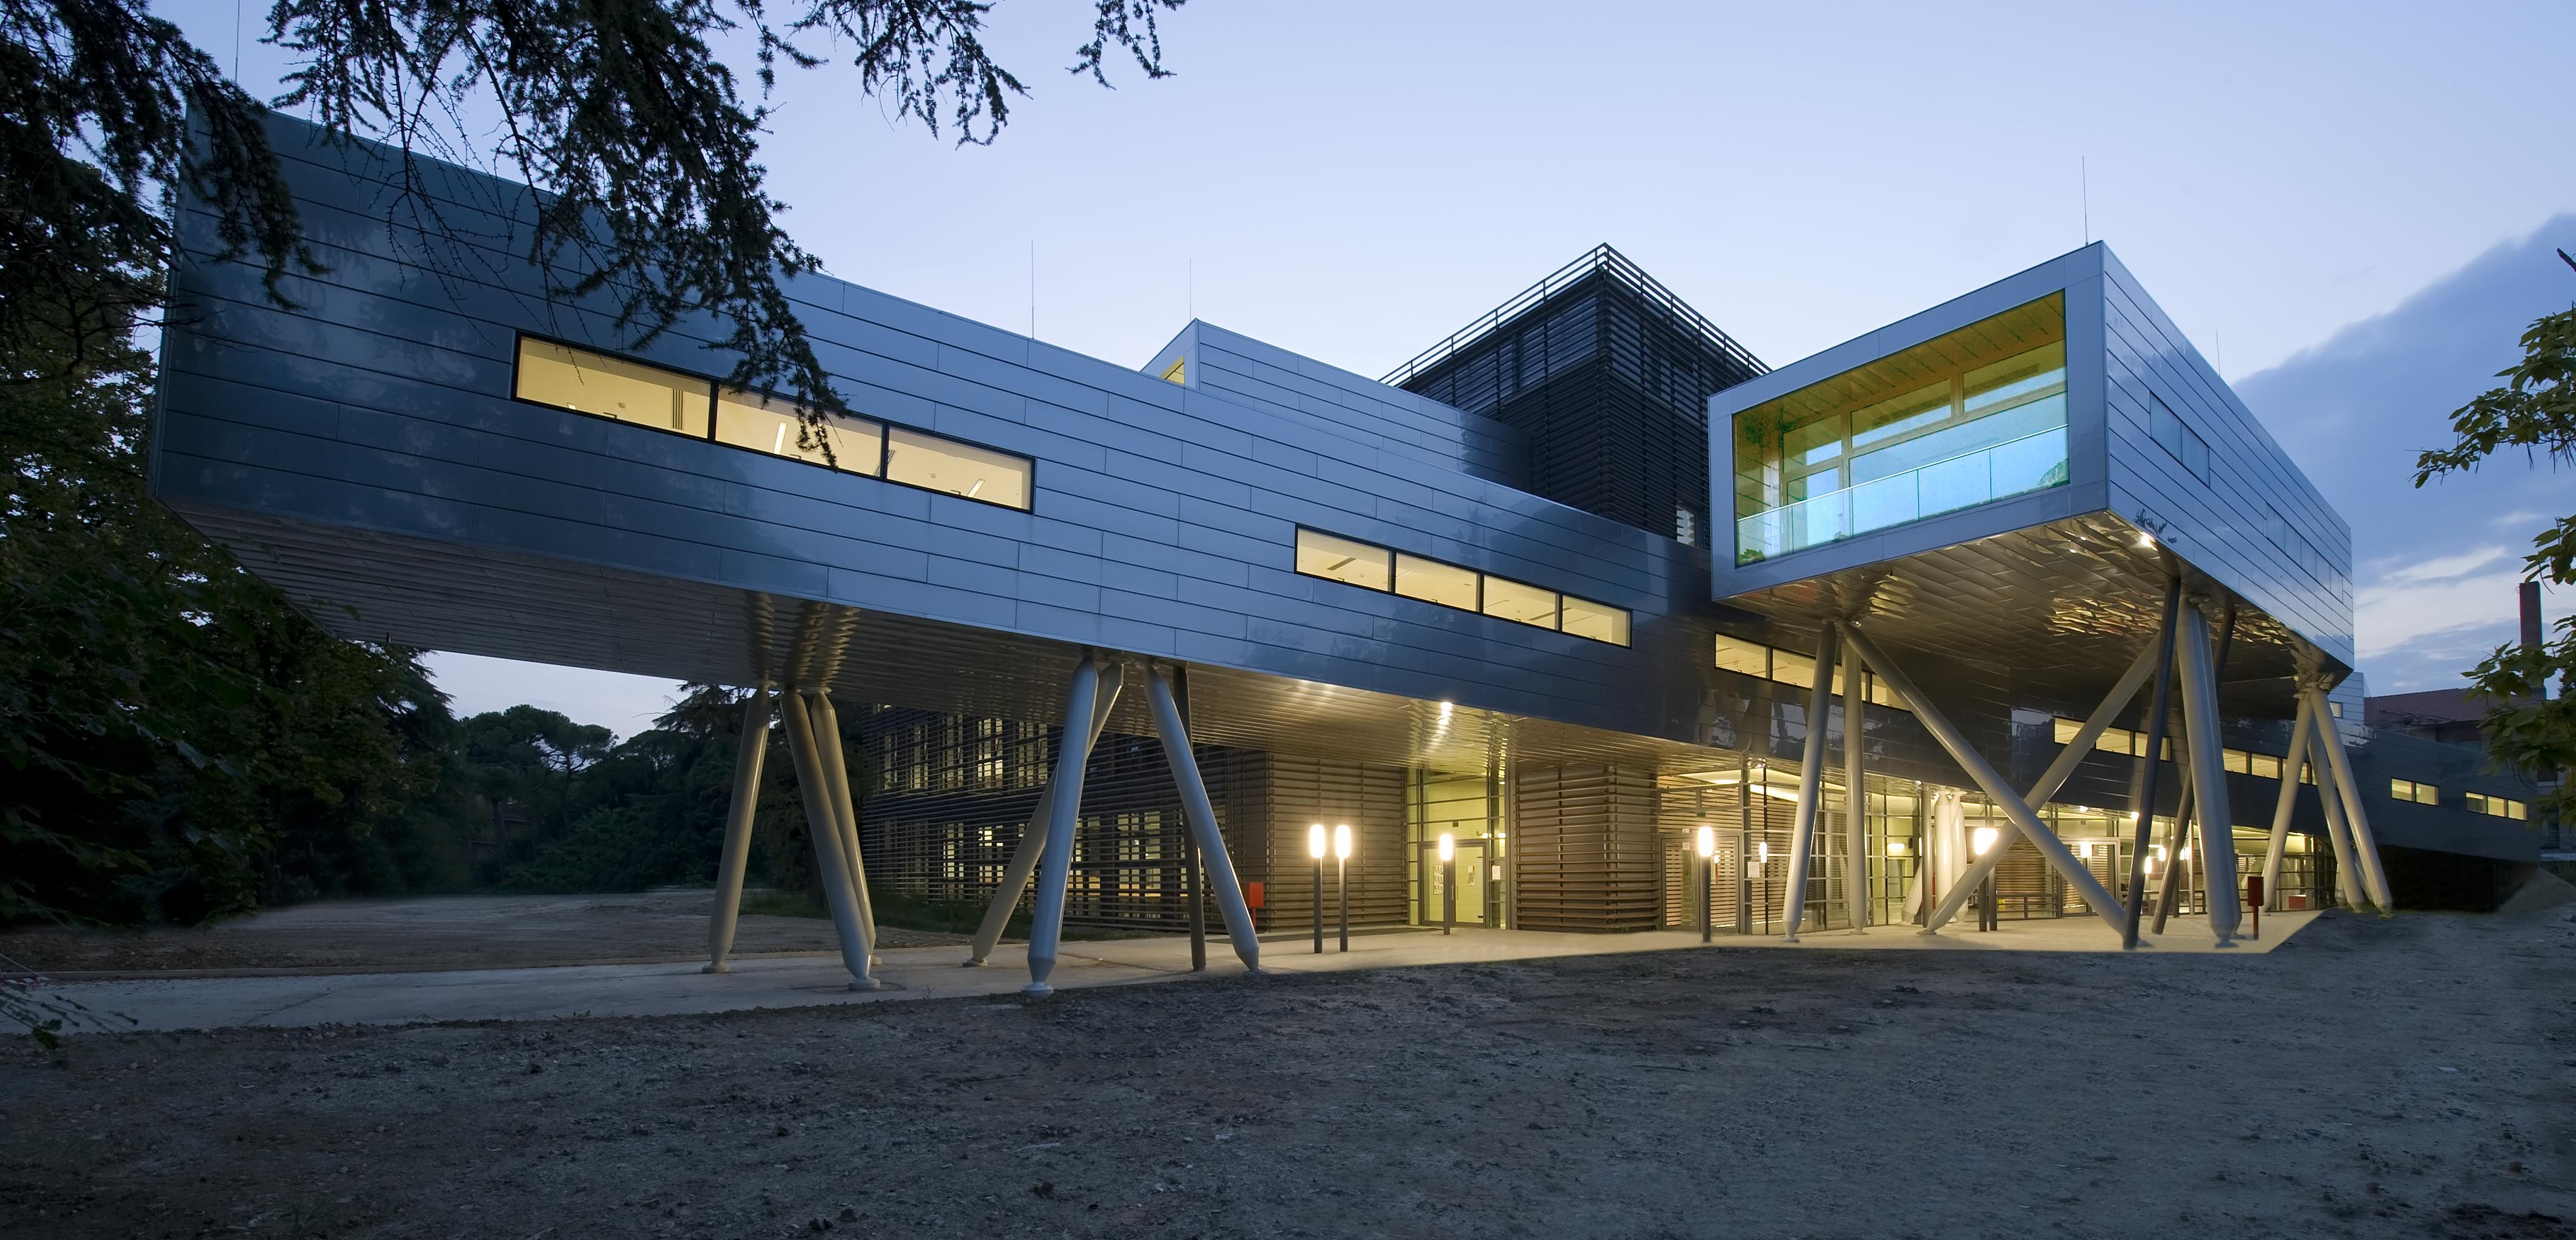 Forlì, Campus Universitario. Un'immagine esterna del complesso dell'atrio.